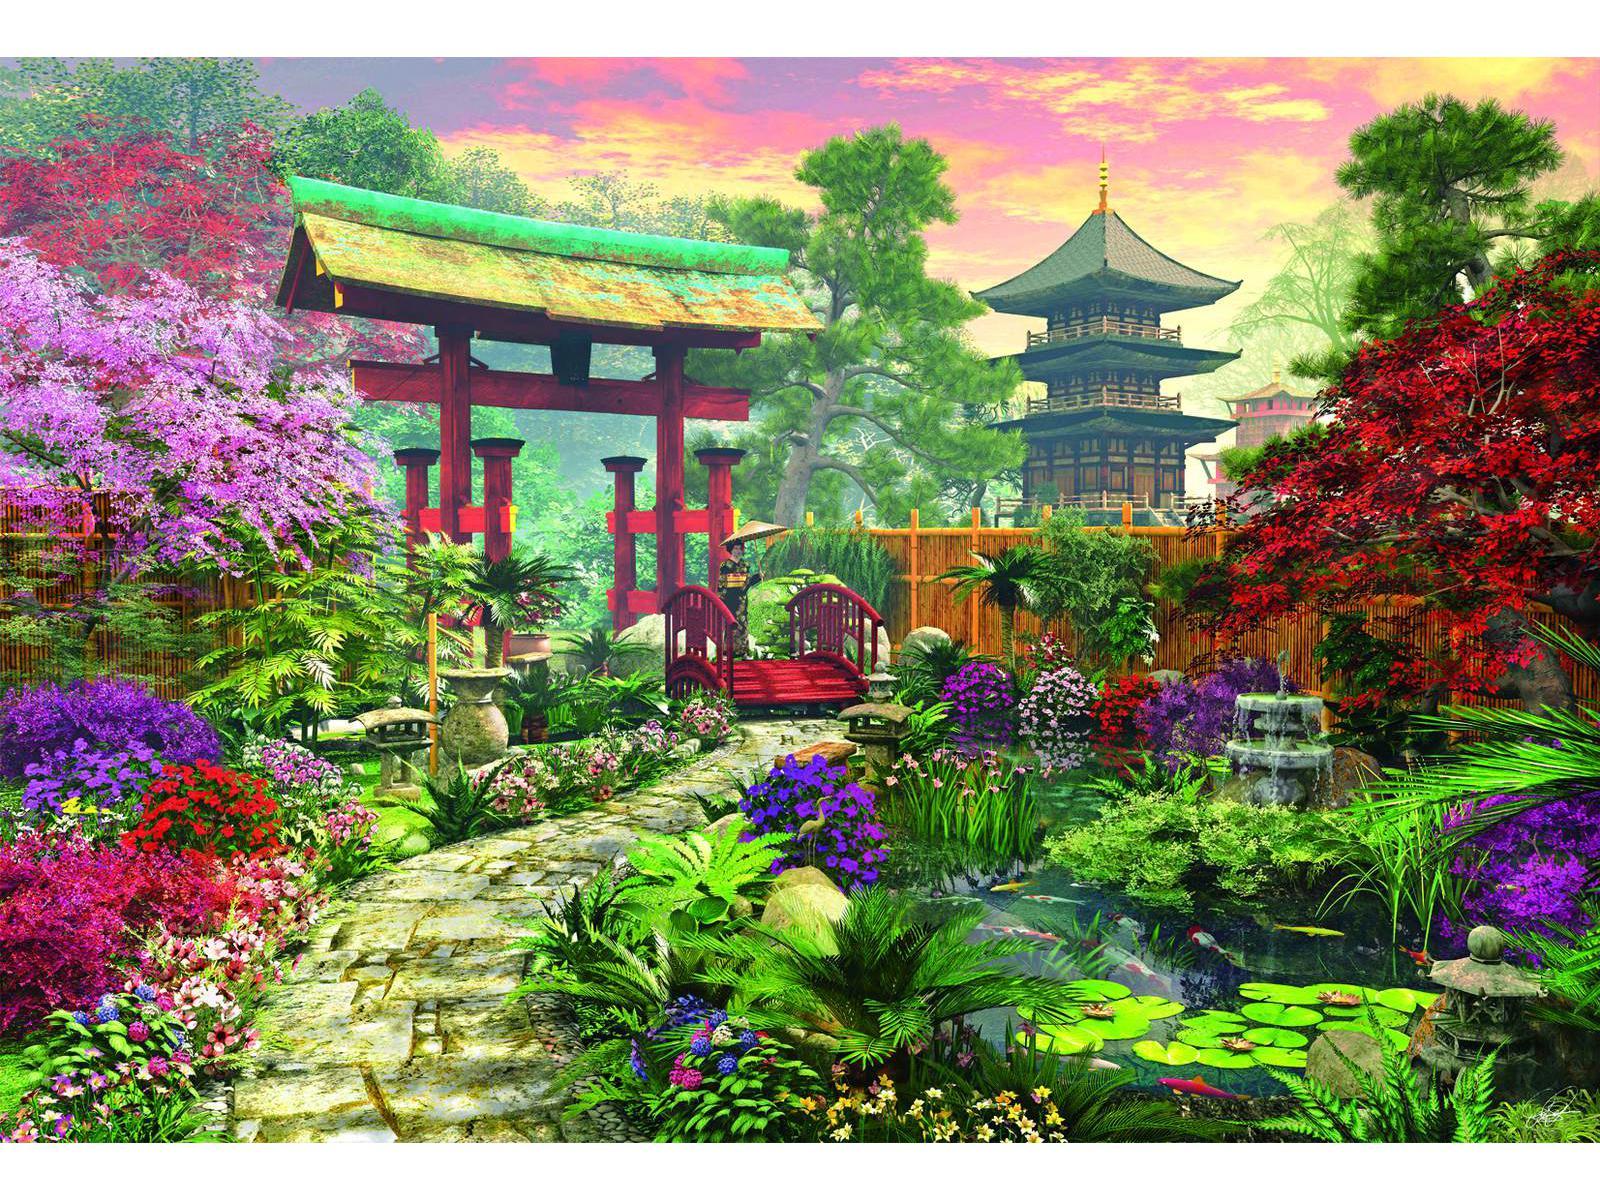 Dessin de jardin japonais for Jardin japonais dessin